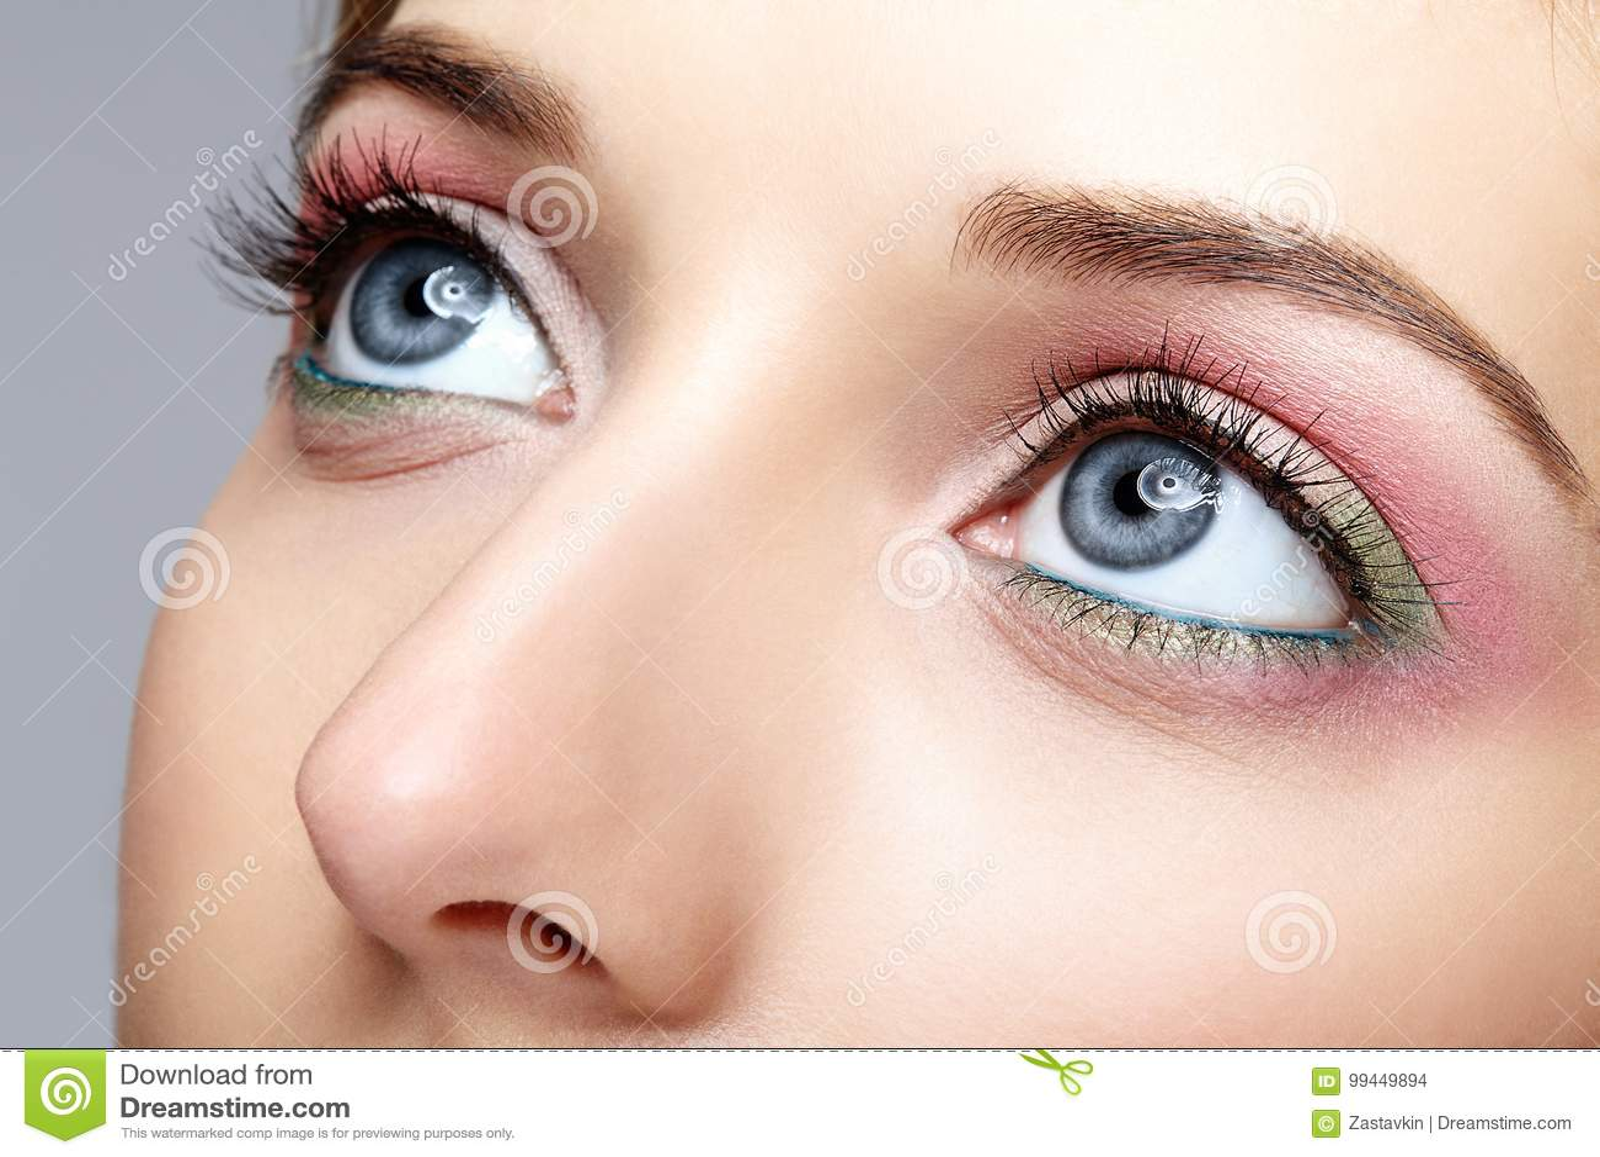 Closeup Macro Shot Of Human Woman Face With Eyes Day Makeup Stock